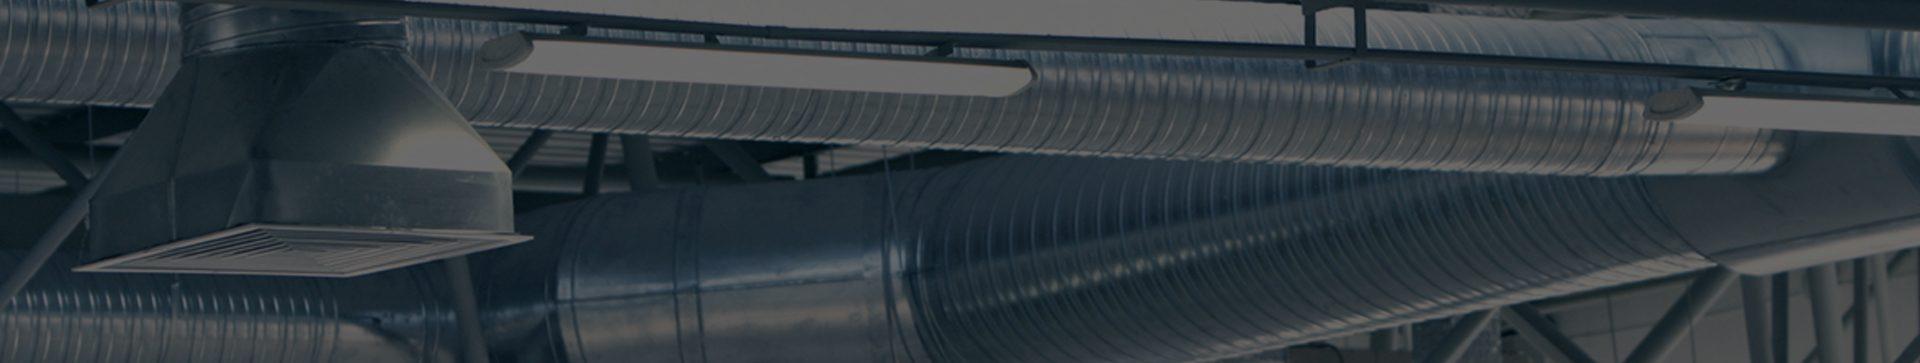 Регуляторы для вентиляции